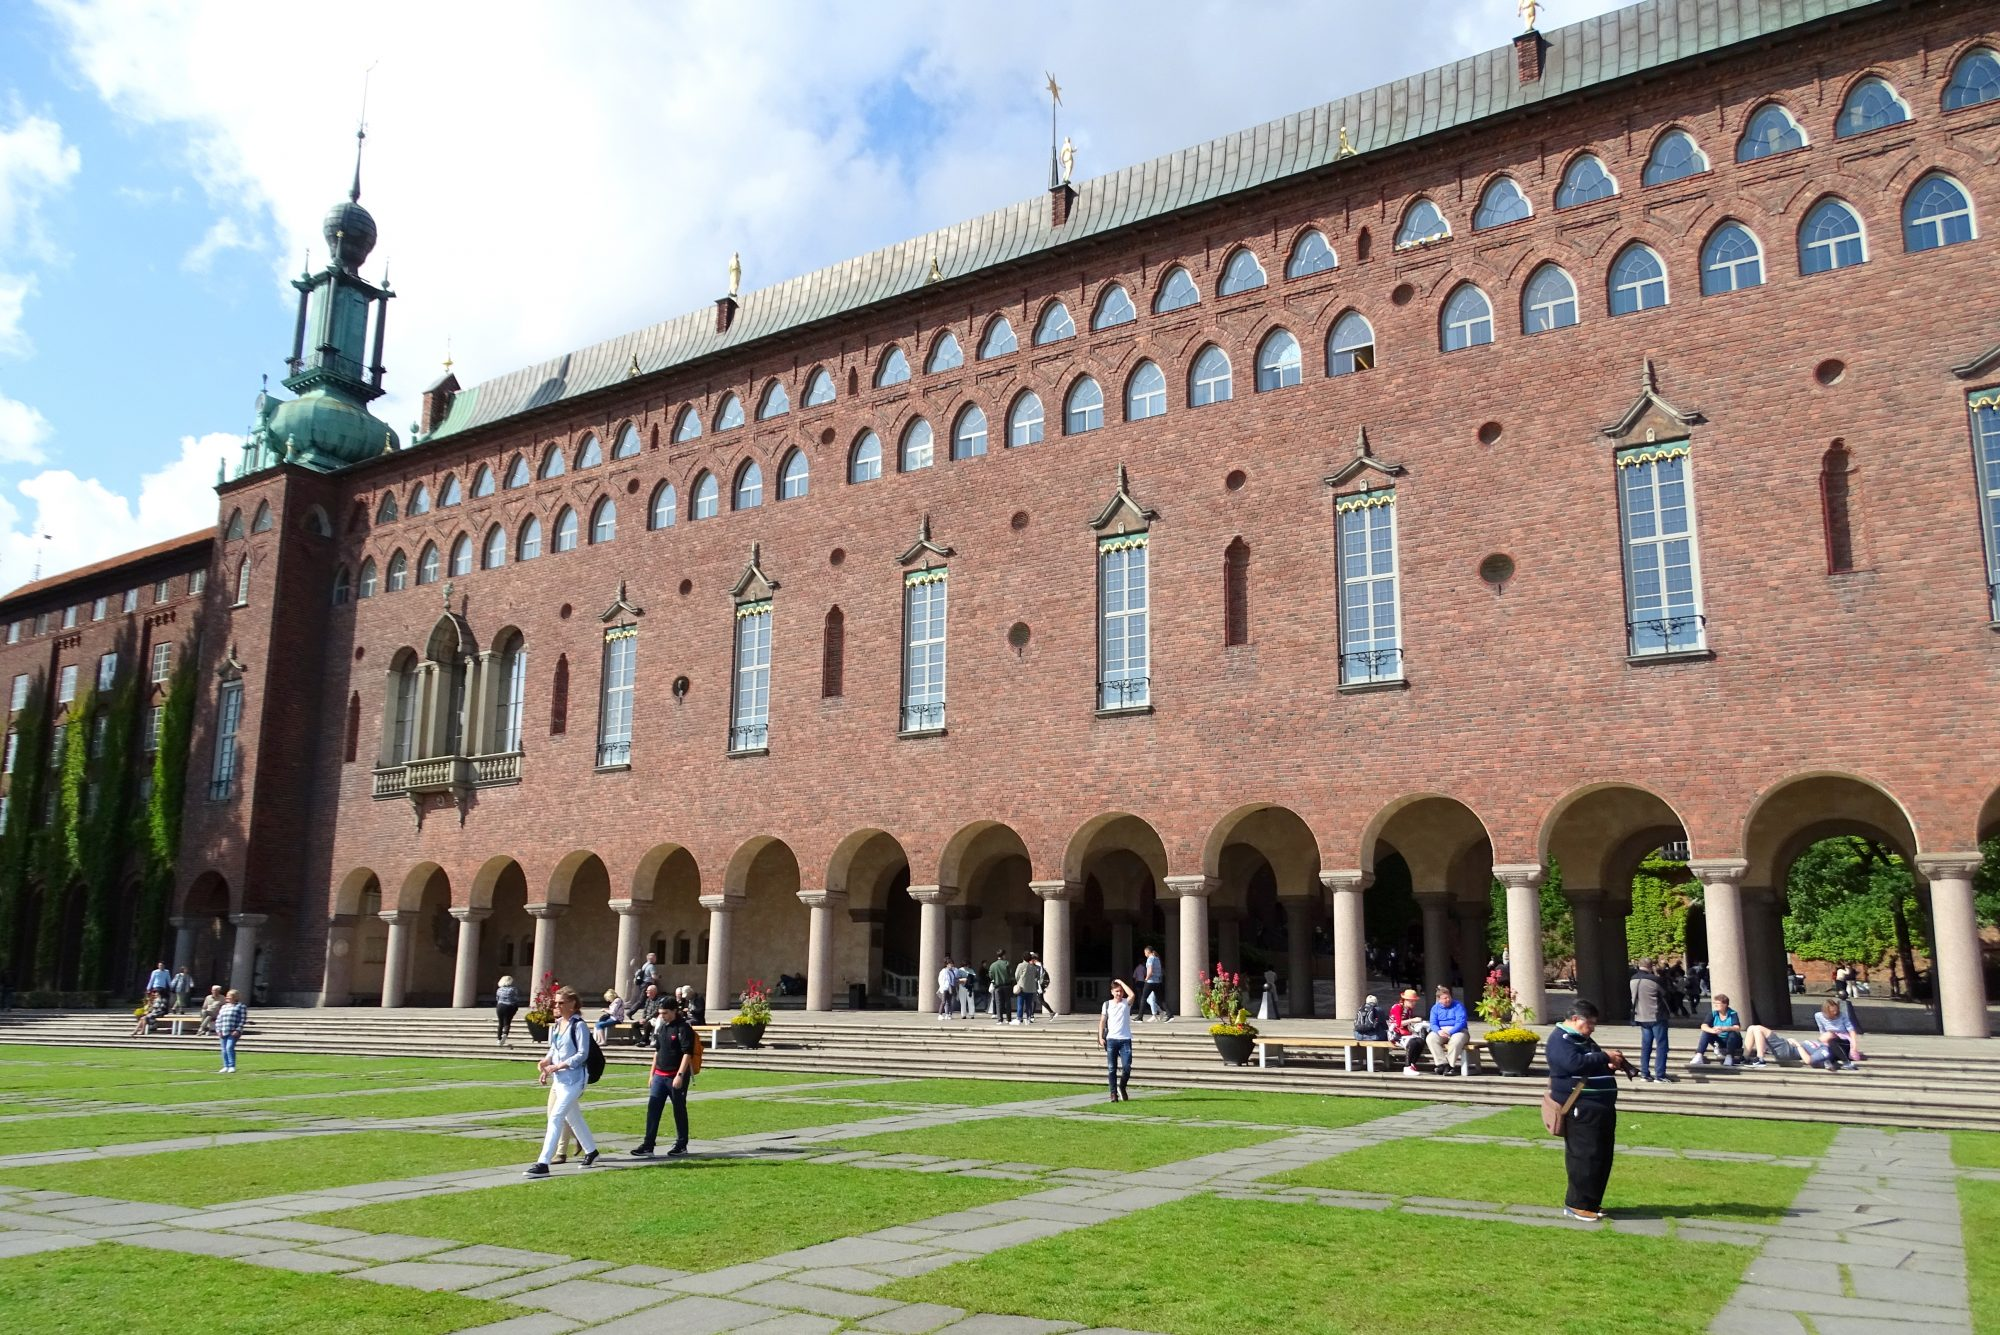 Stadshusparken aan het stadhuis van Stockholm